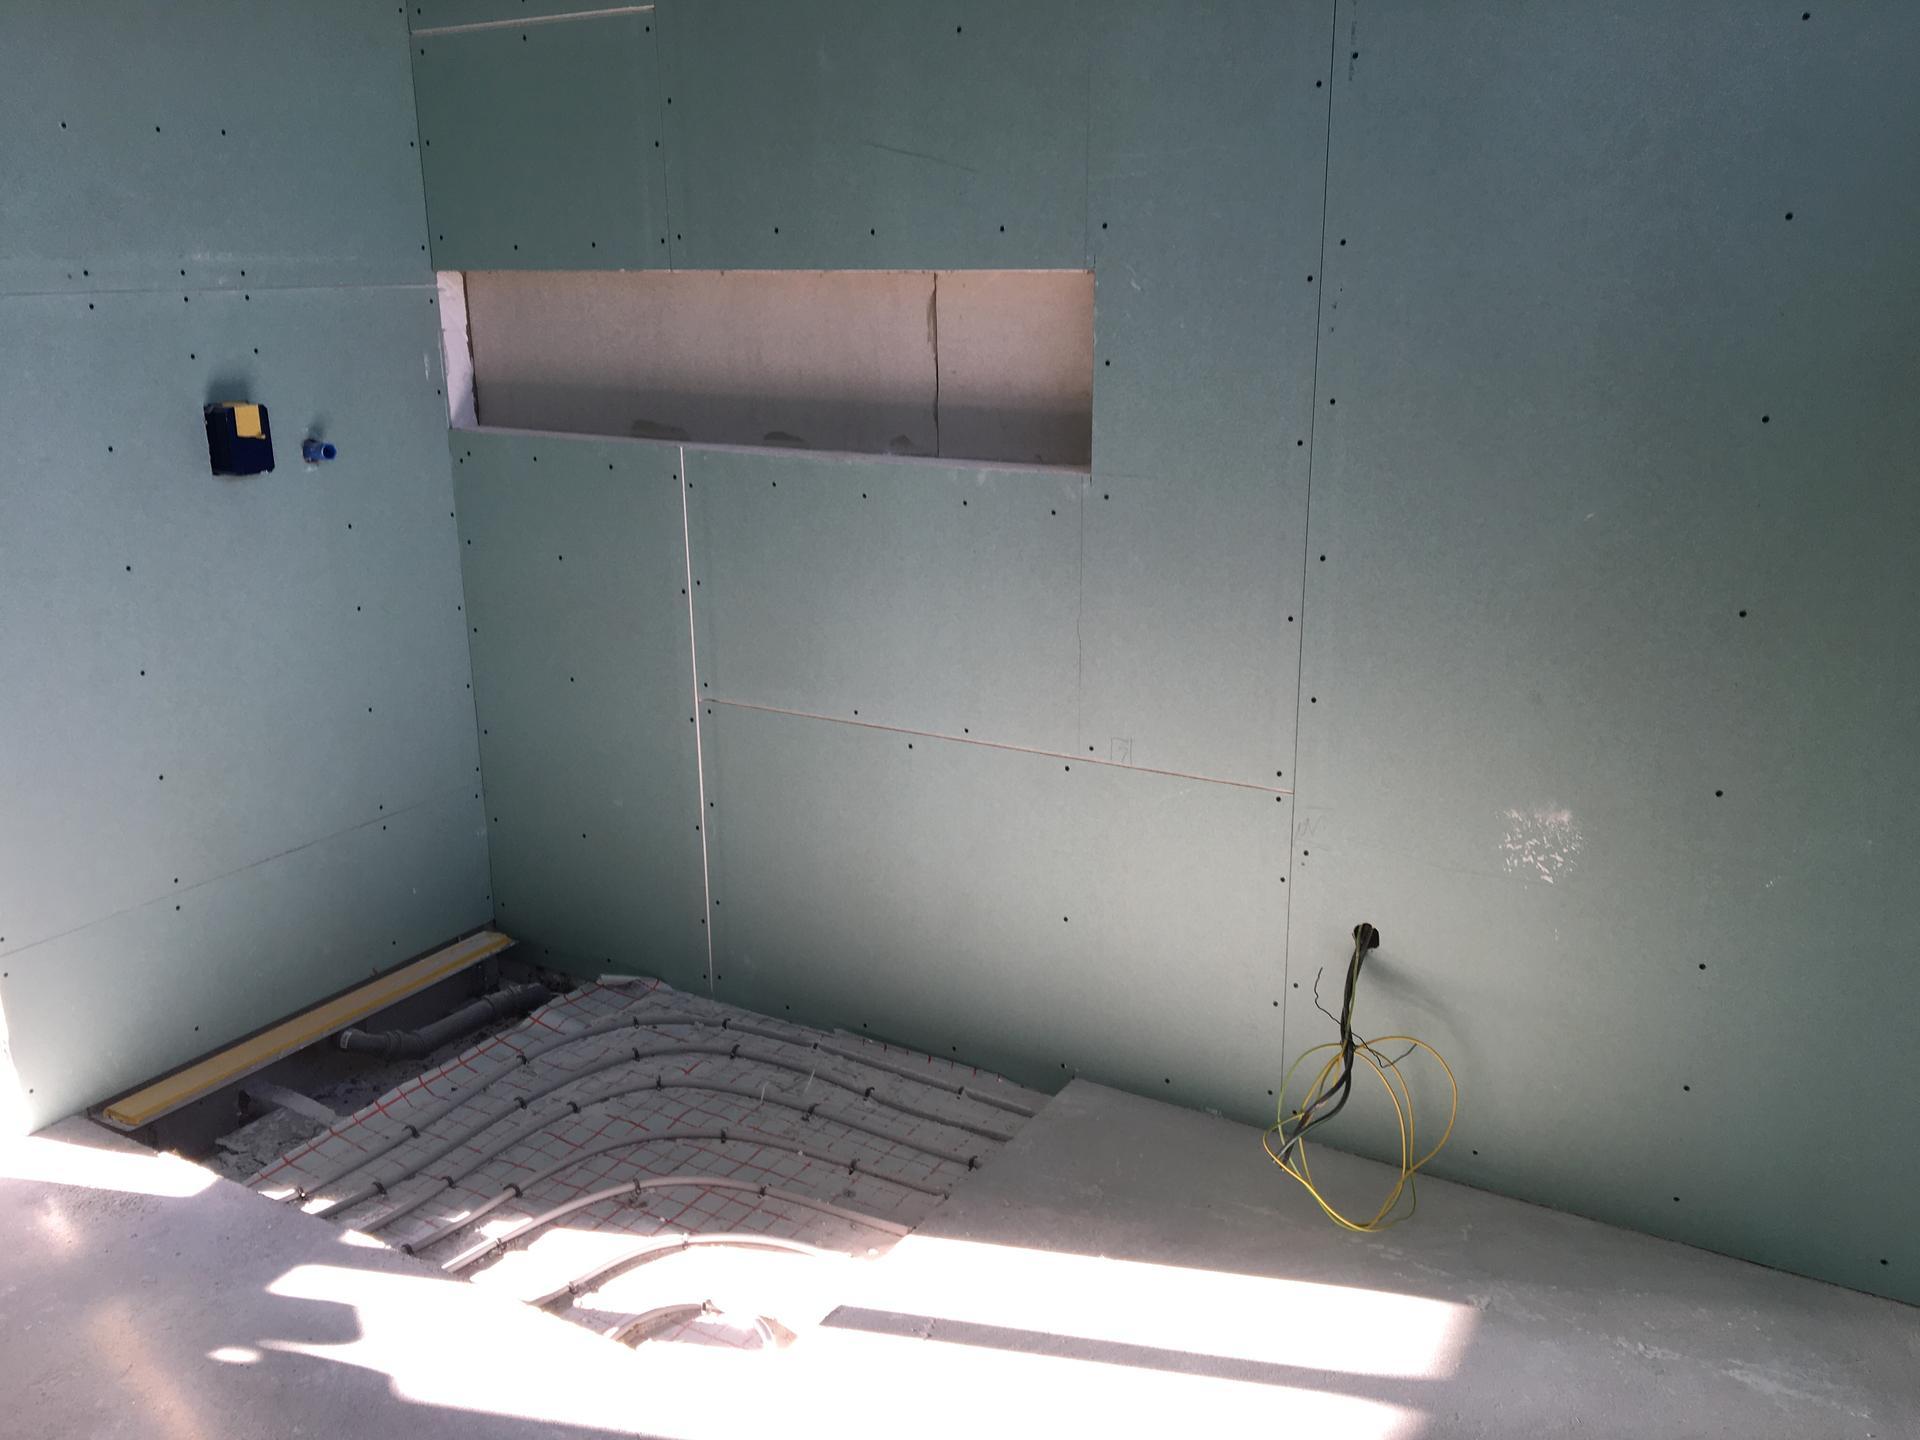 Dům do L - stavba 2020/2021 - Zaklopení koupelny sádrokartonem